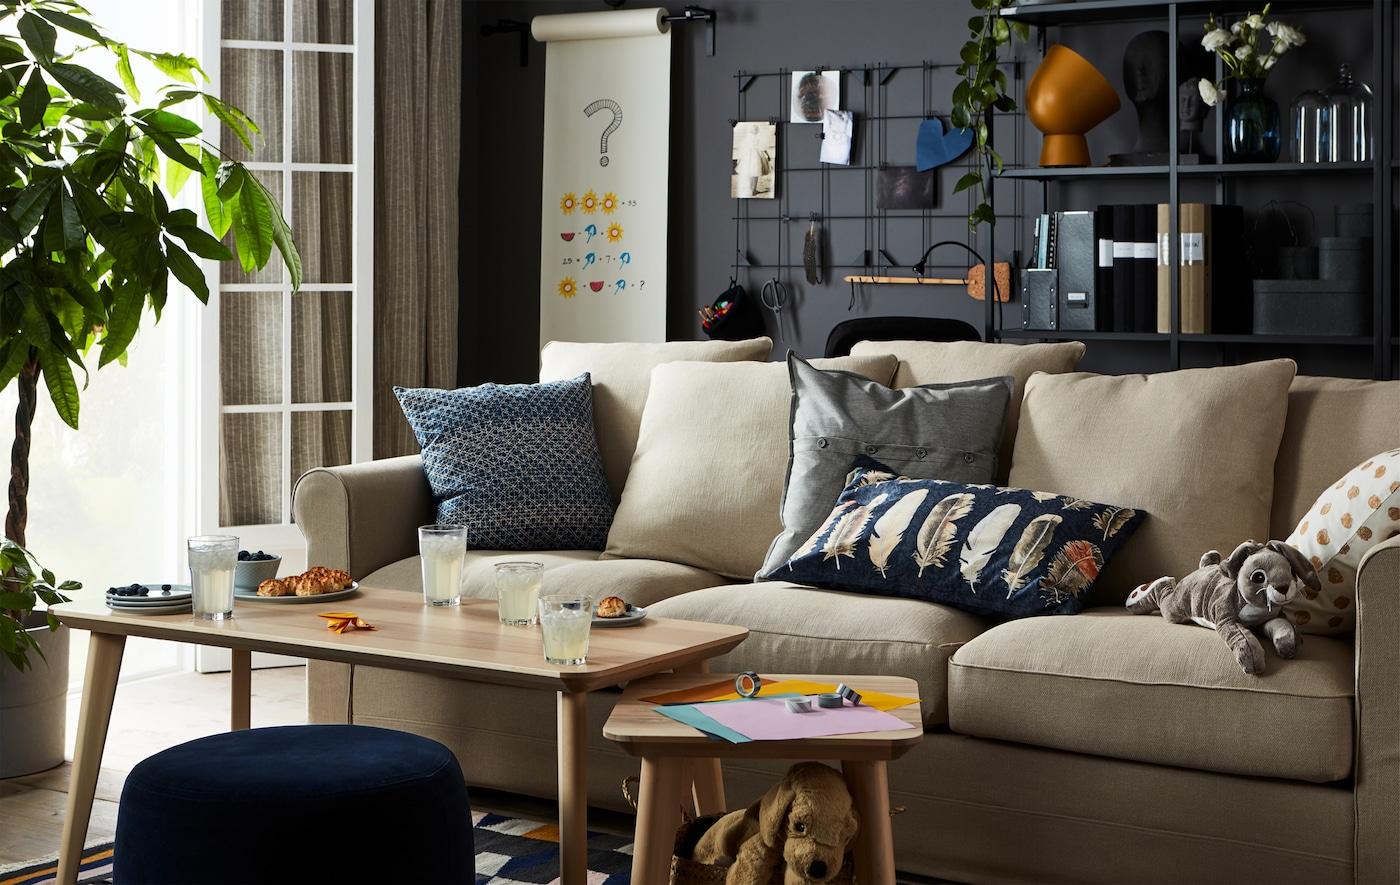 Sala com sofá e mesa de centro, com uma sessão de origami, bebidas e petiscos a decorrer.